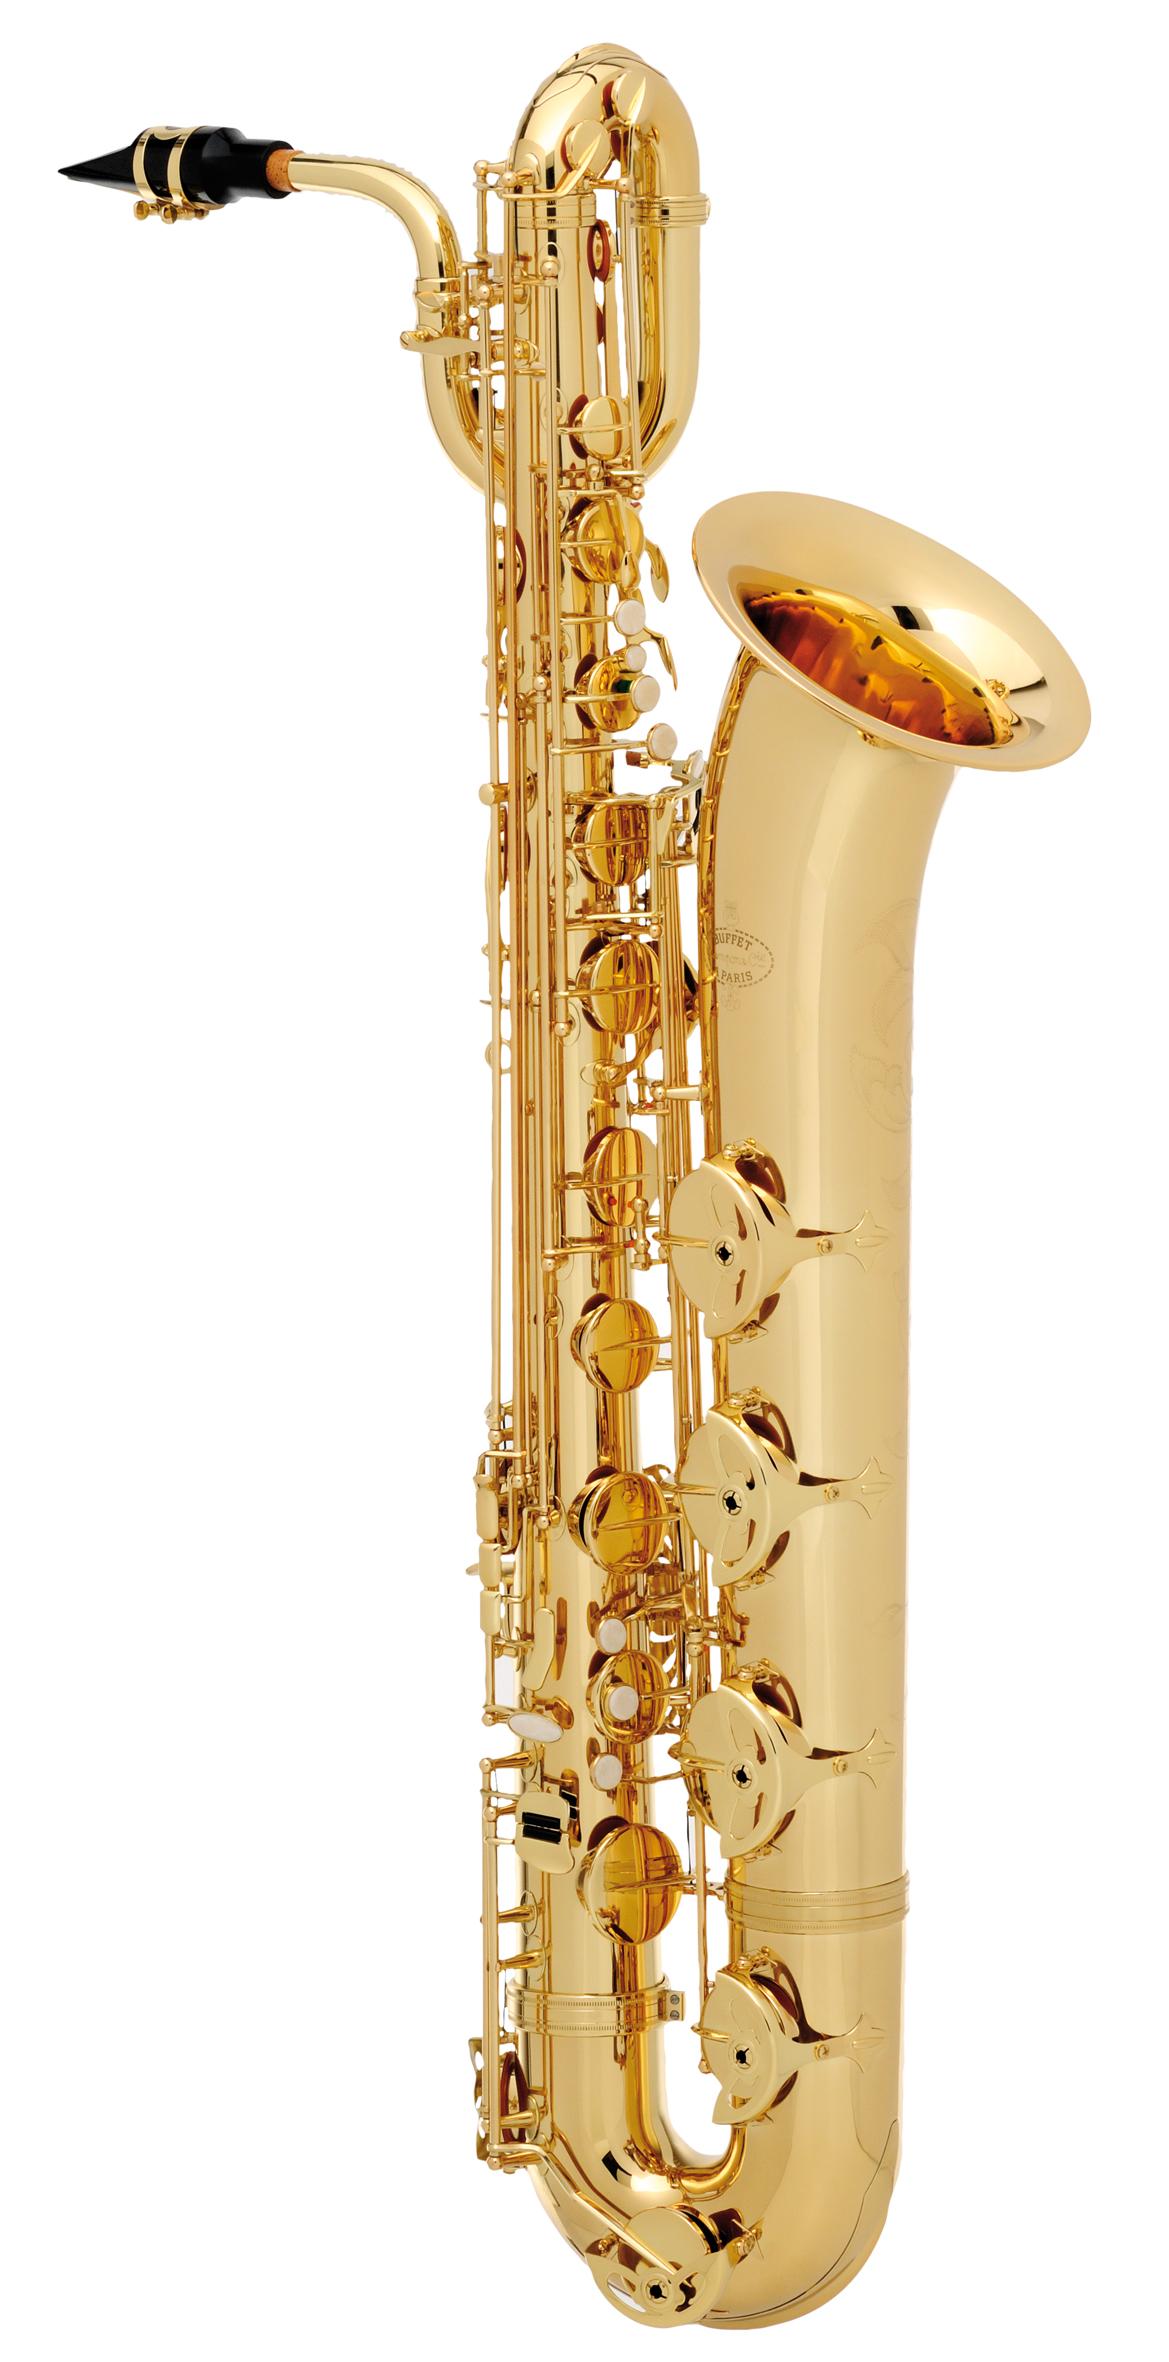 Buffet - BC - 8403 - 1 - 0 - Holzblasinstrumente - Saxophone | MUSIK BERTRAM Deutschland Freiburg